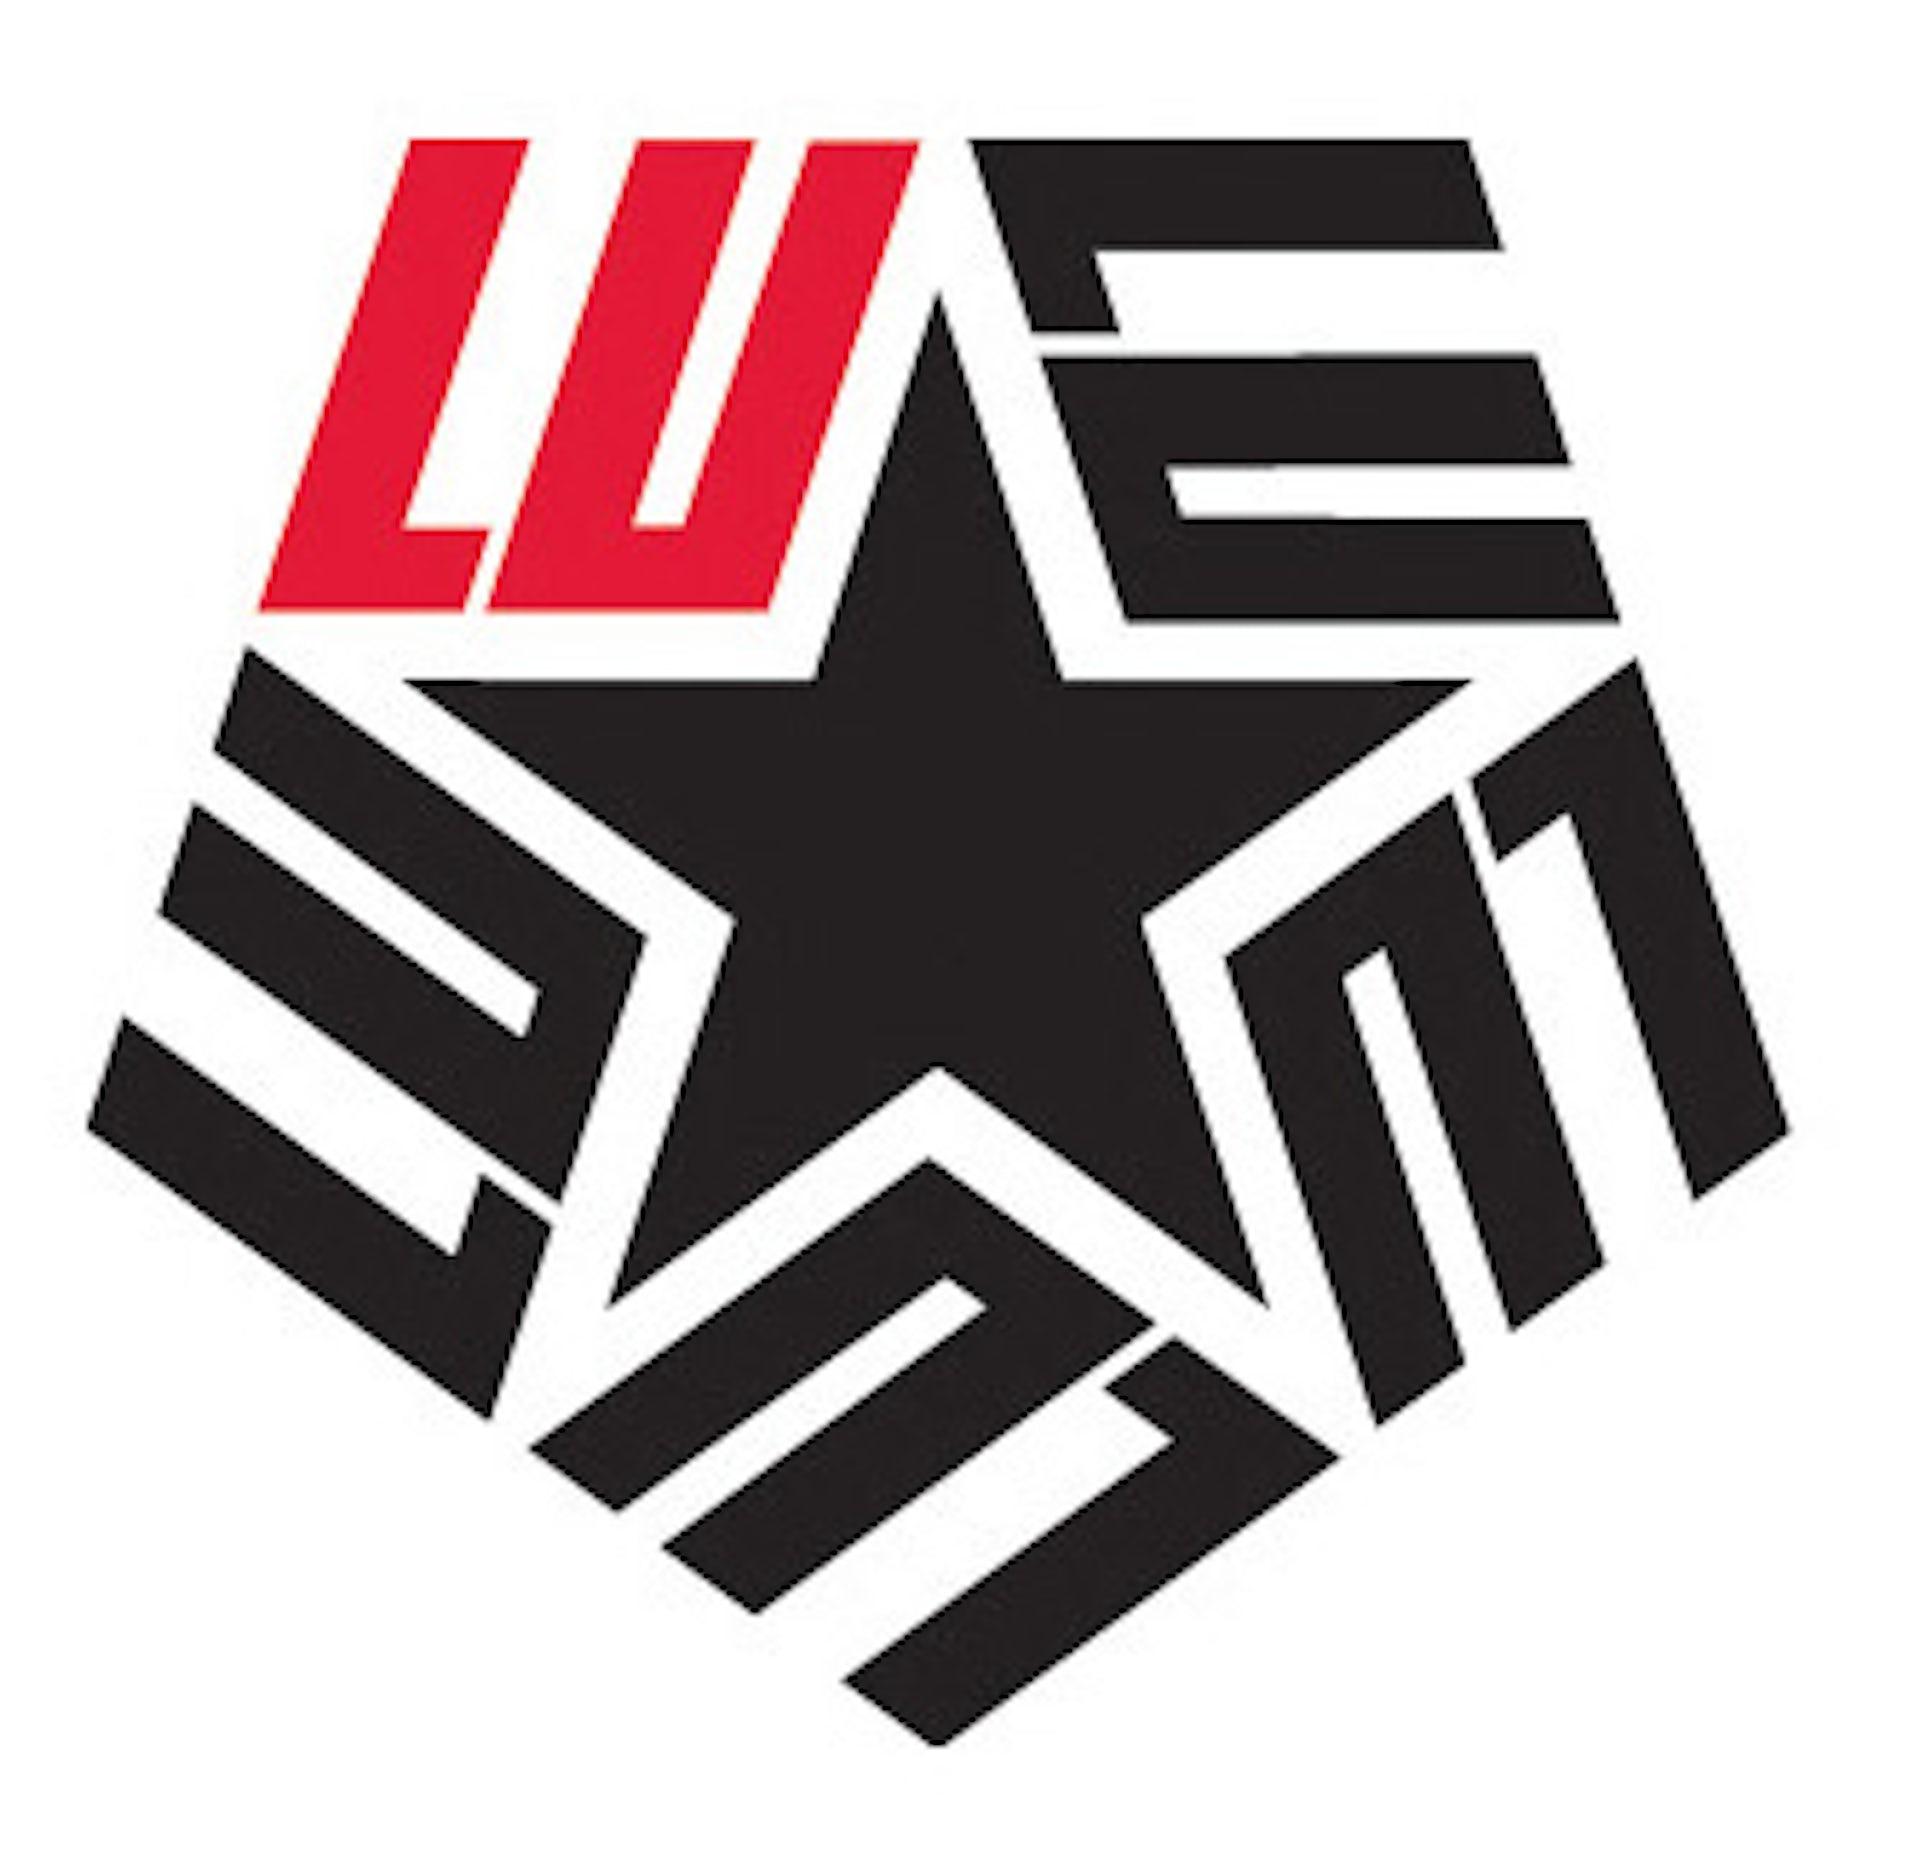 Logo 1436825156.jpg?ixlib=rb 1.1